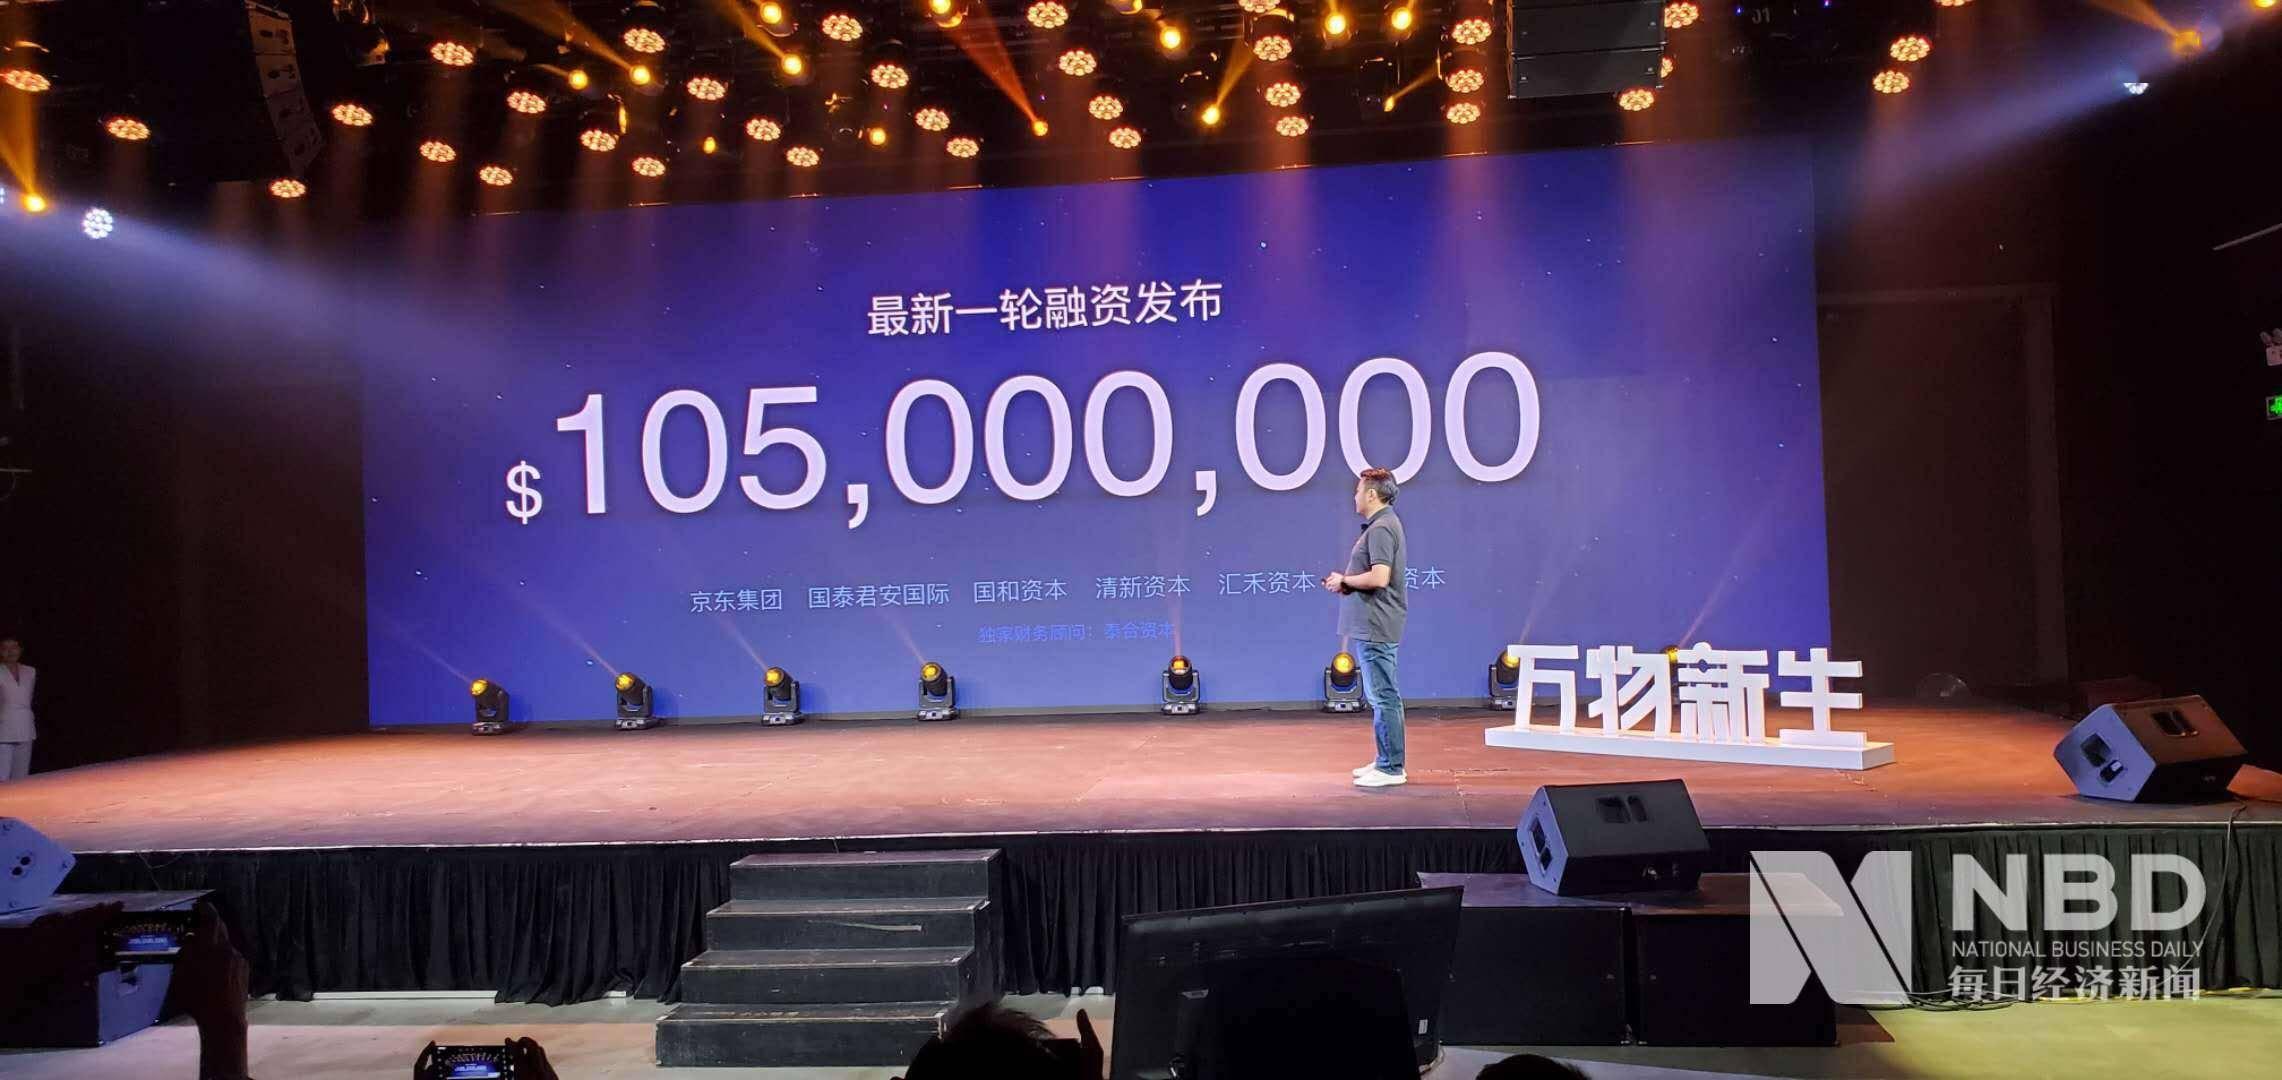 """_爱回收升级 """"万物新生""""获京东集团1亿美元追投 未来IPO剑指50亿美元估值"""